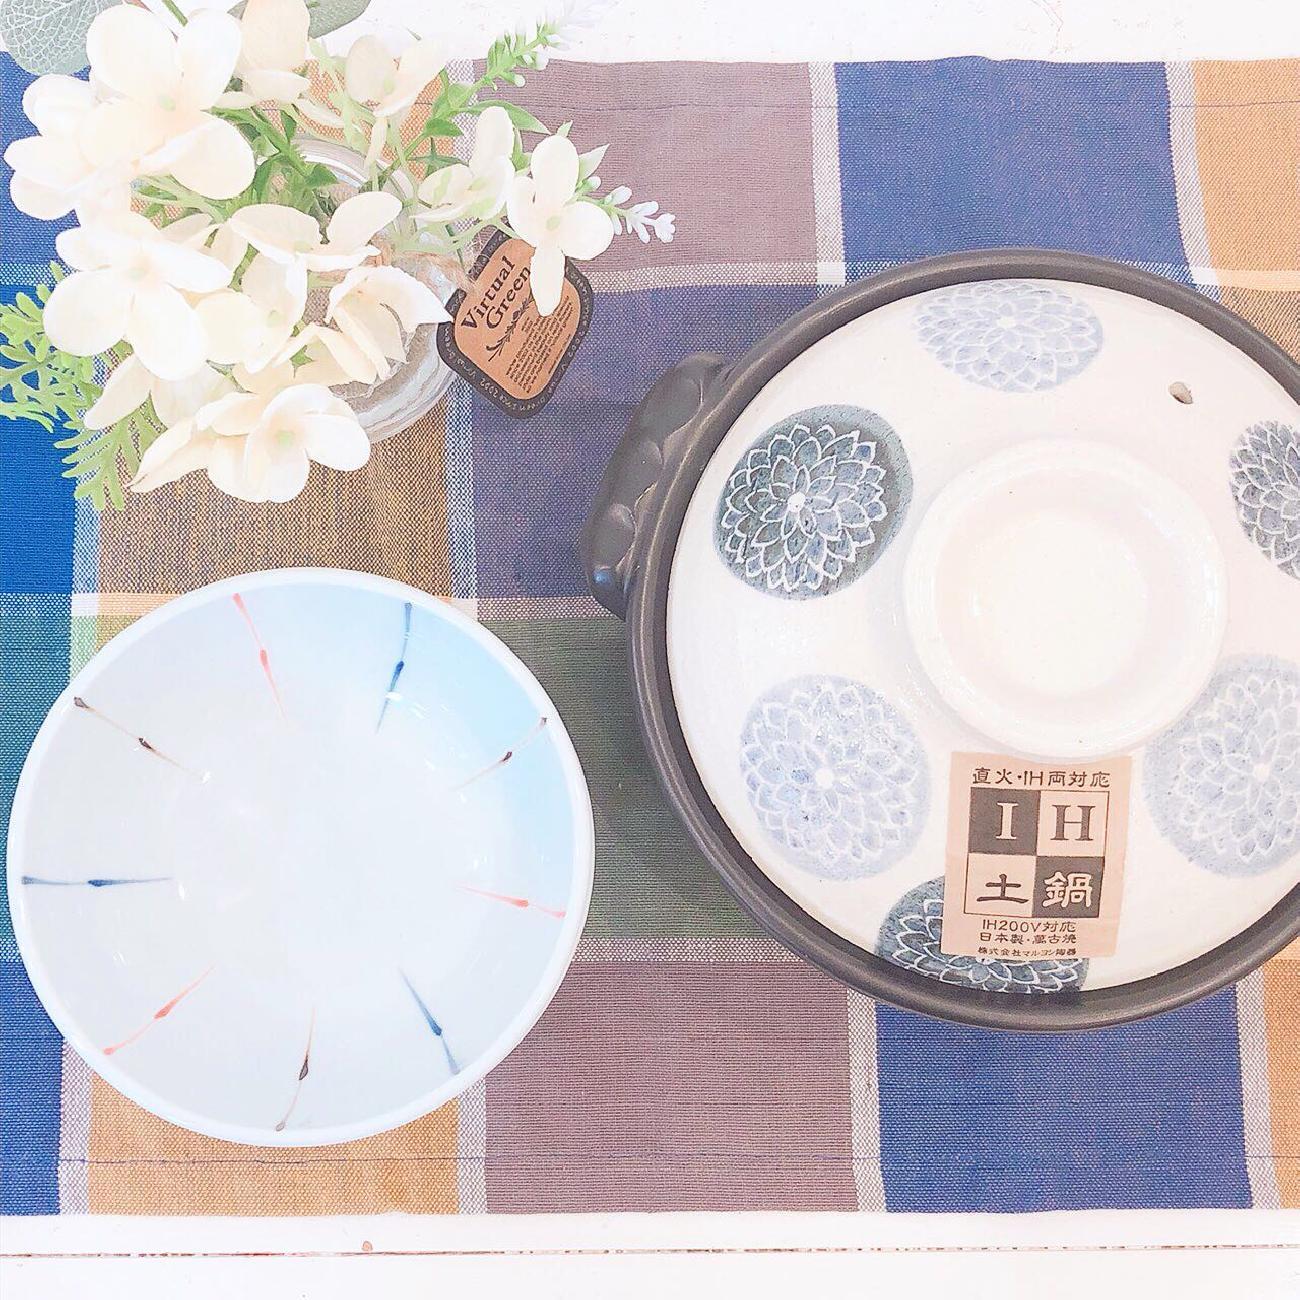 鍋/土鍋/キッチン雑貨/ほっこり/冬